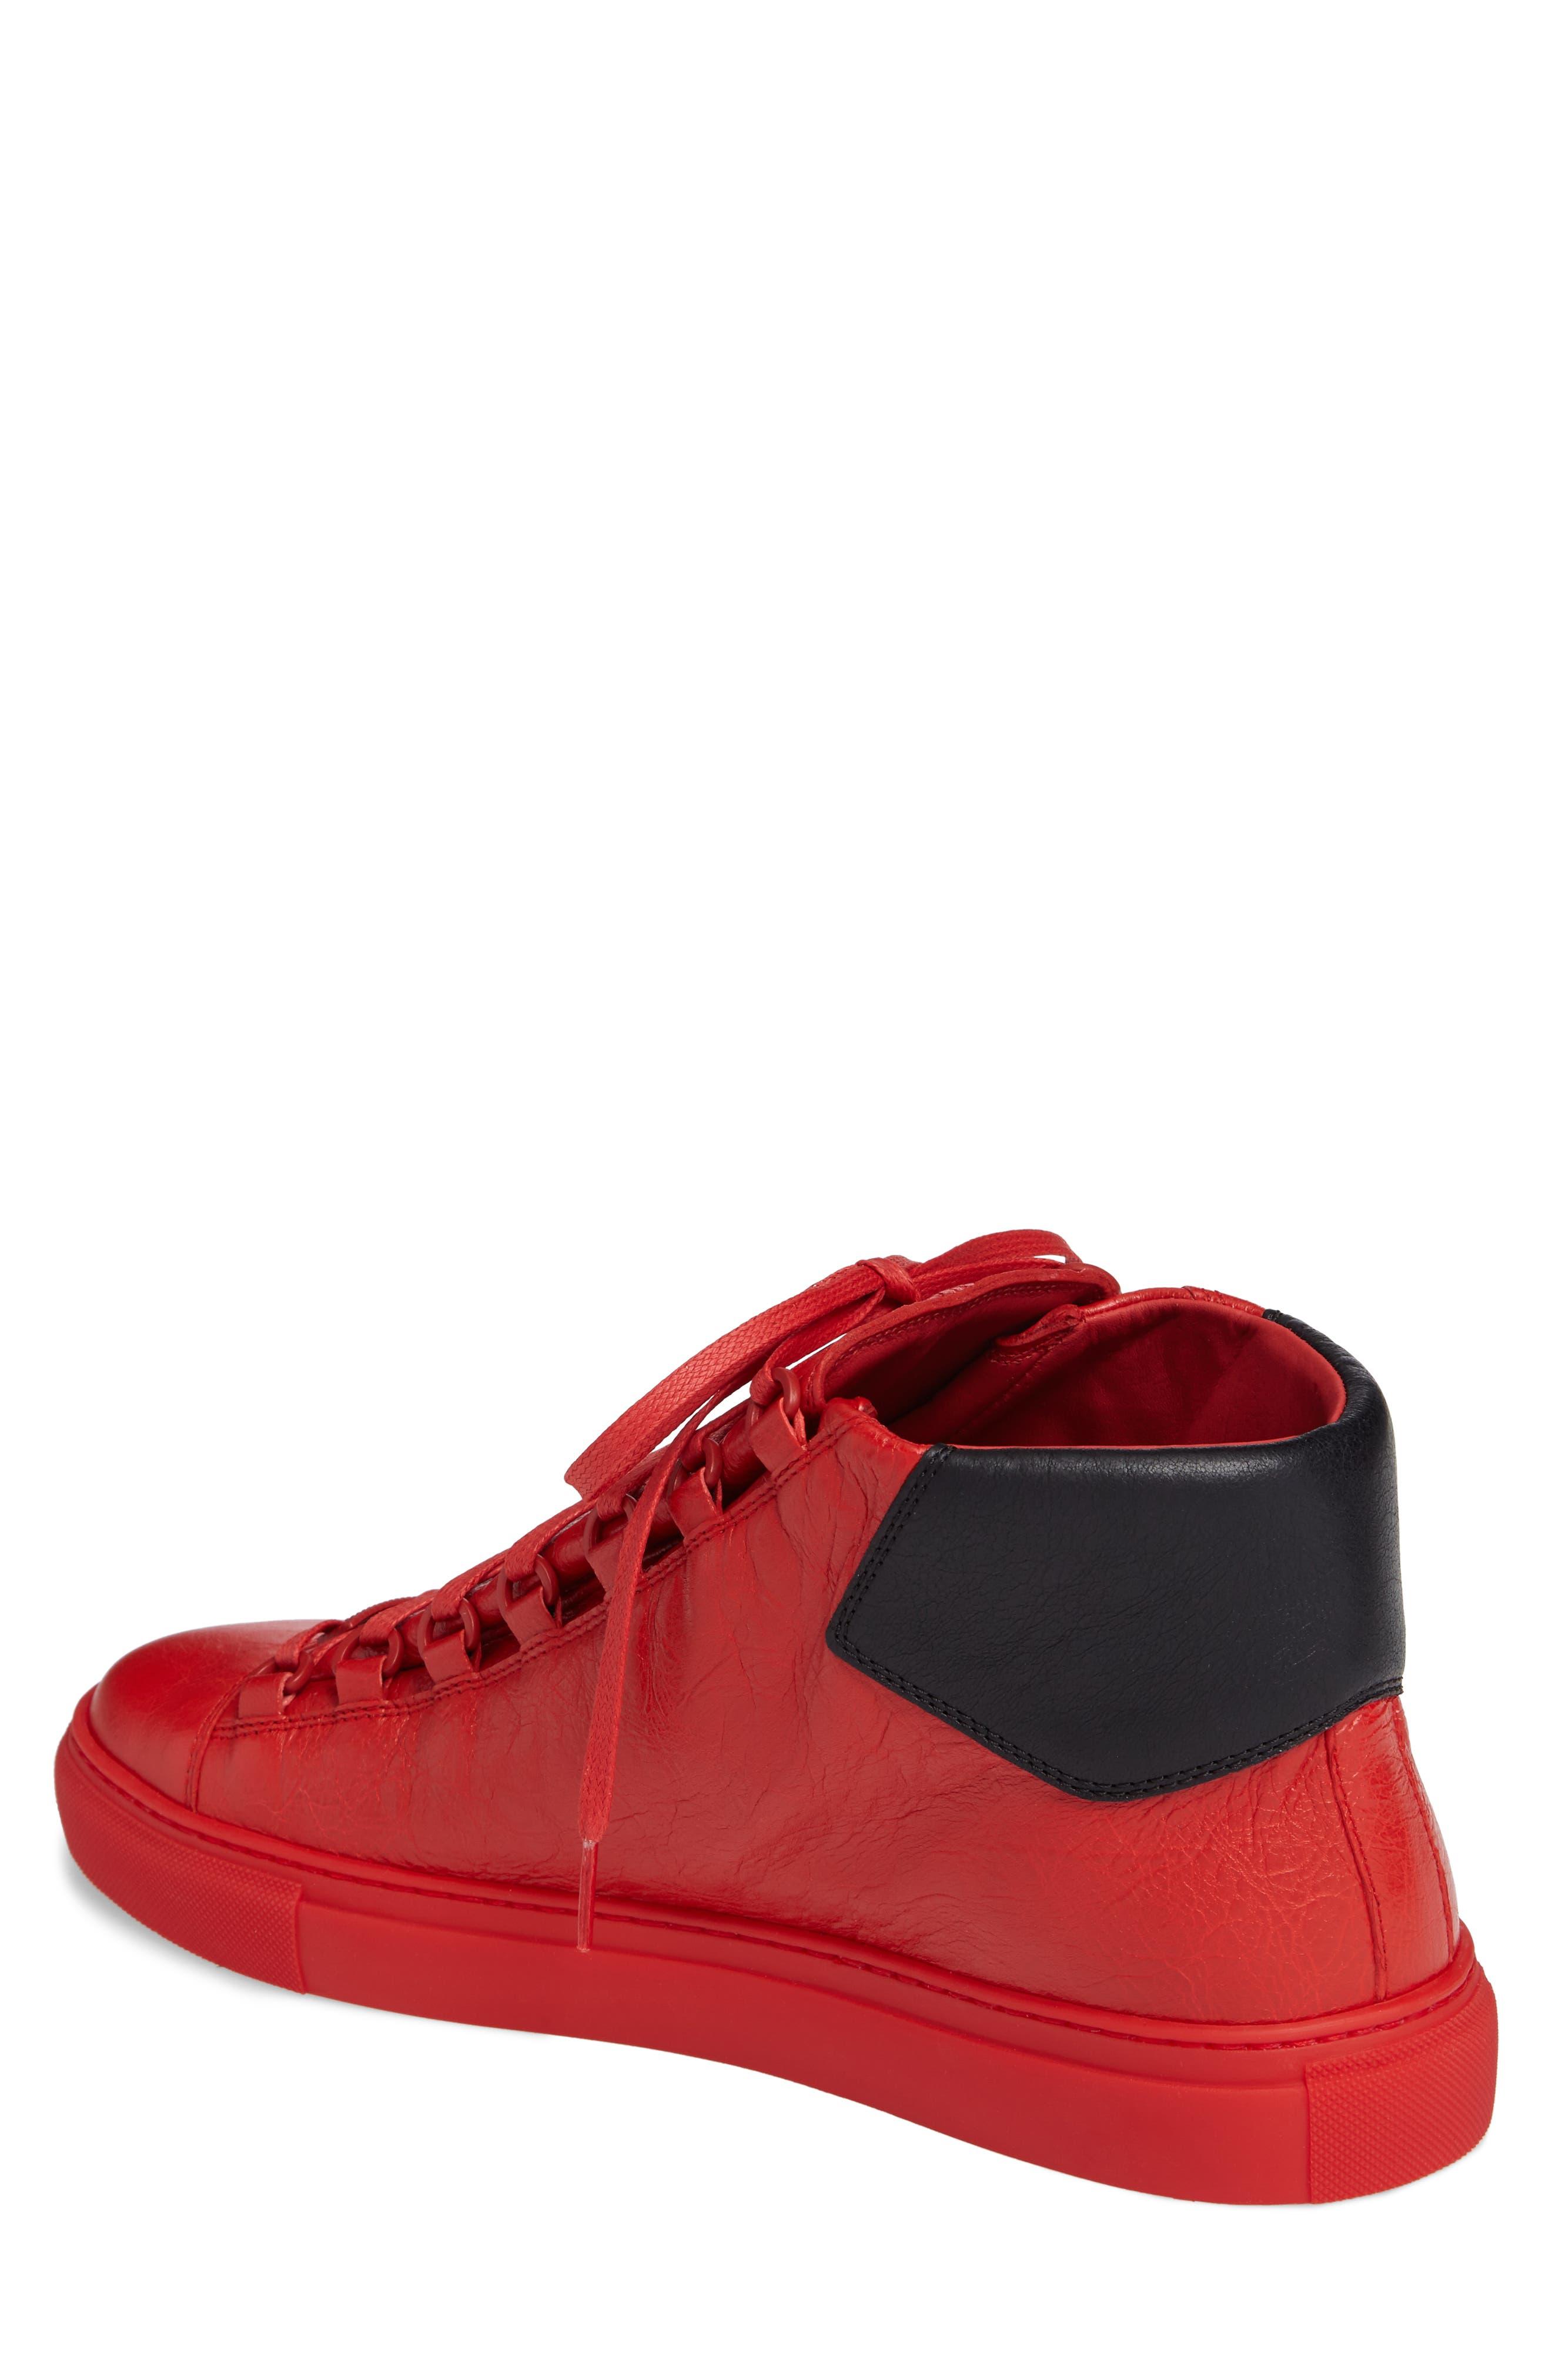 Alternate Image 2  - Balenciaga Arena High Sneaker (Men)